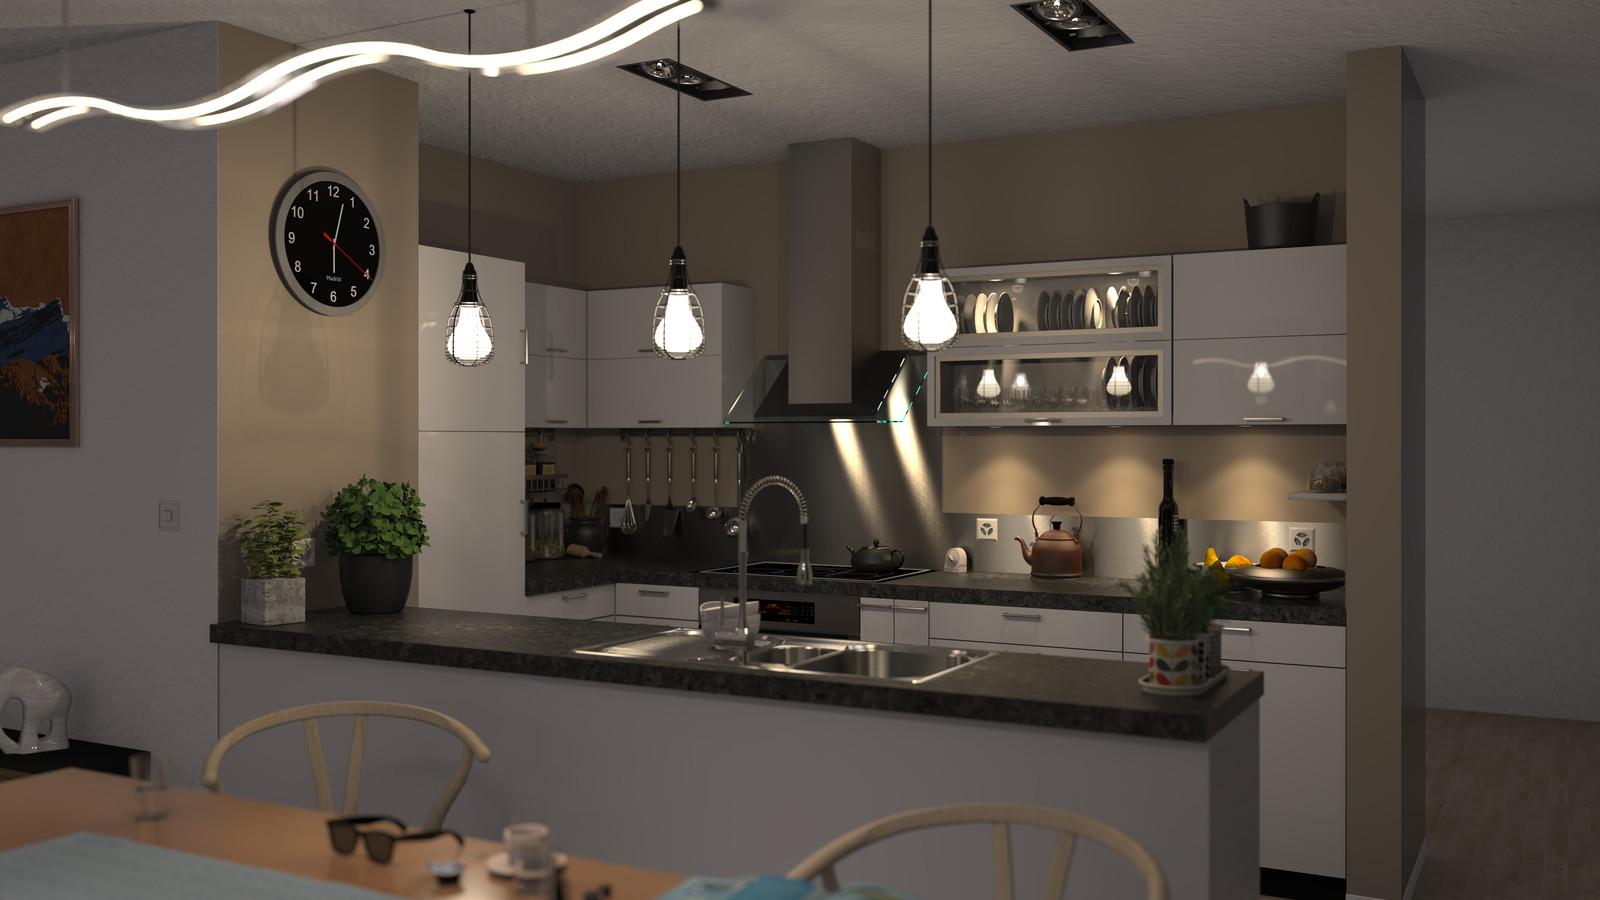 SketchUp + Thea Render Apartment model 03 v2019-Scene 35 NIght V2 HD3000 x 5333 PrestoAO 1024 spx 56m49s